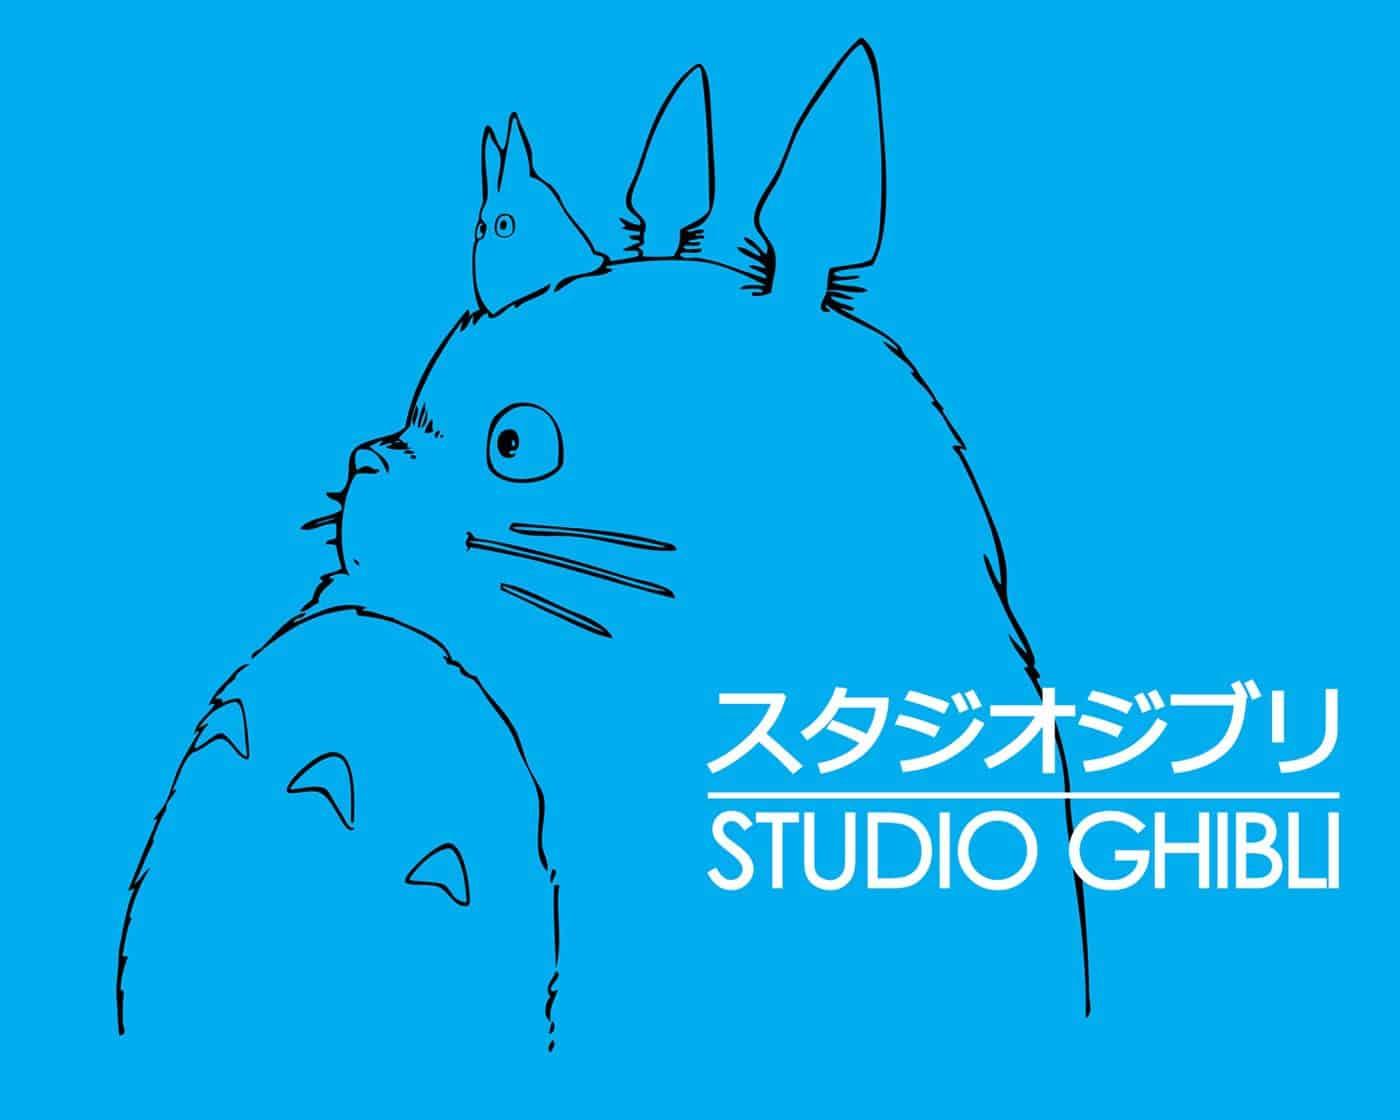 Studio Ghibli film animazione digitale